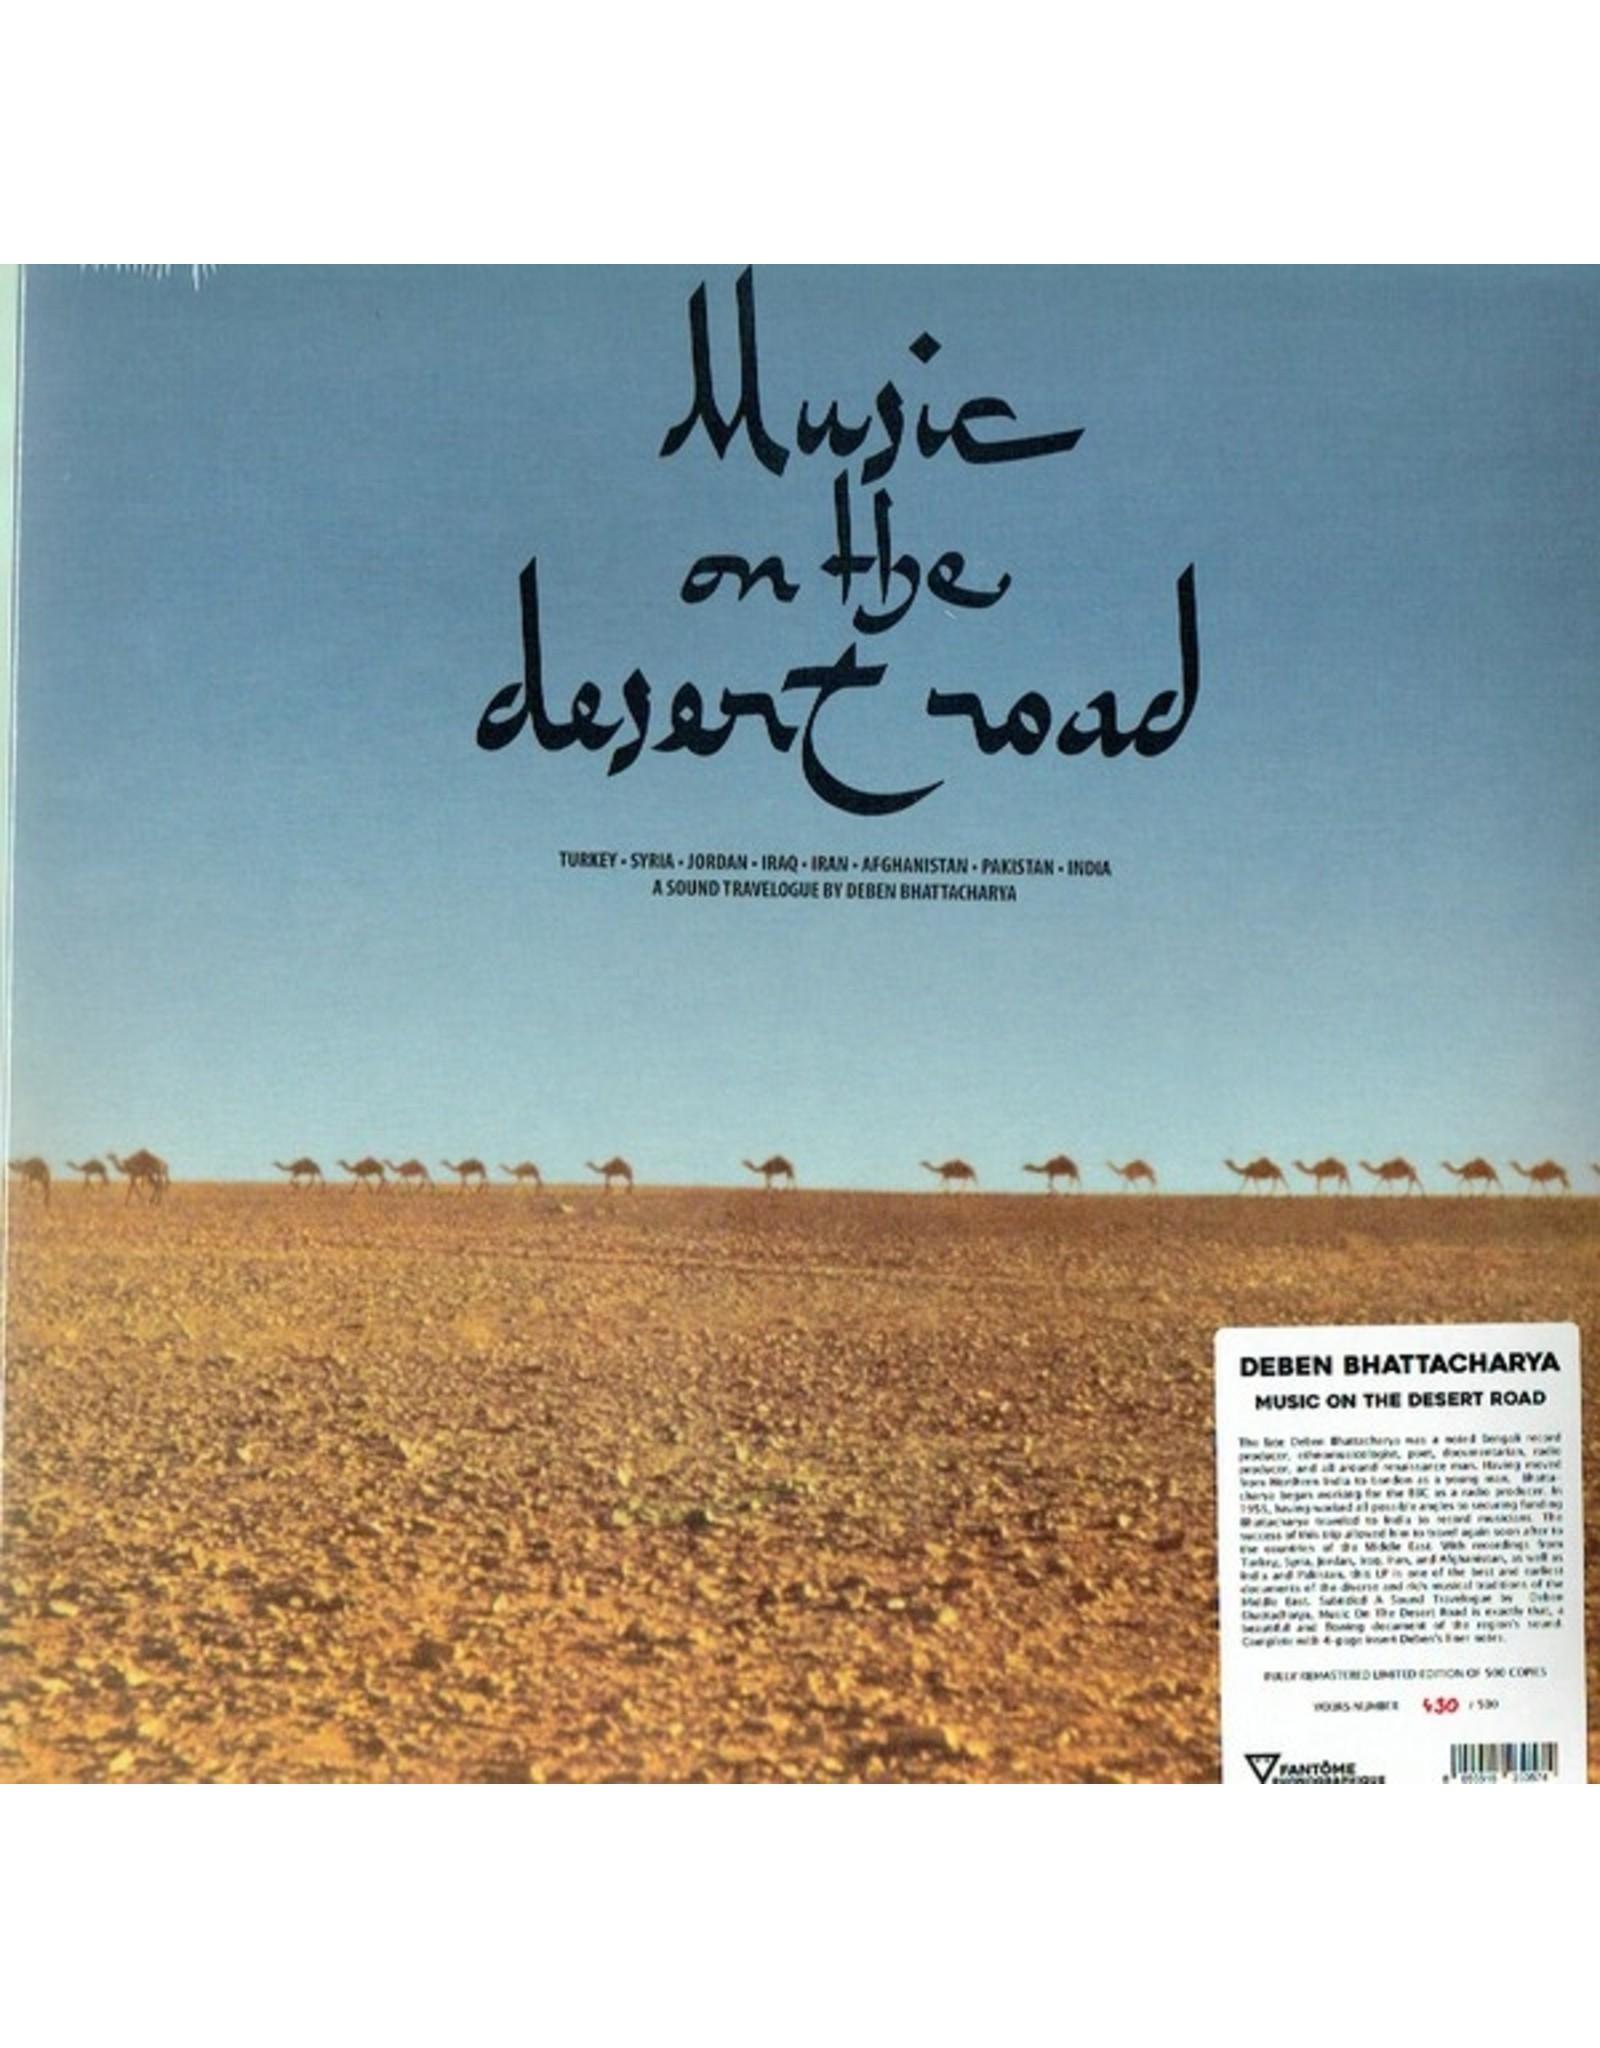 New Vinyl Deben Bhattacharya - Music On The Desert Road LP